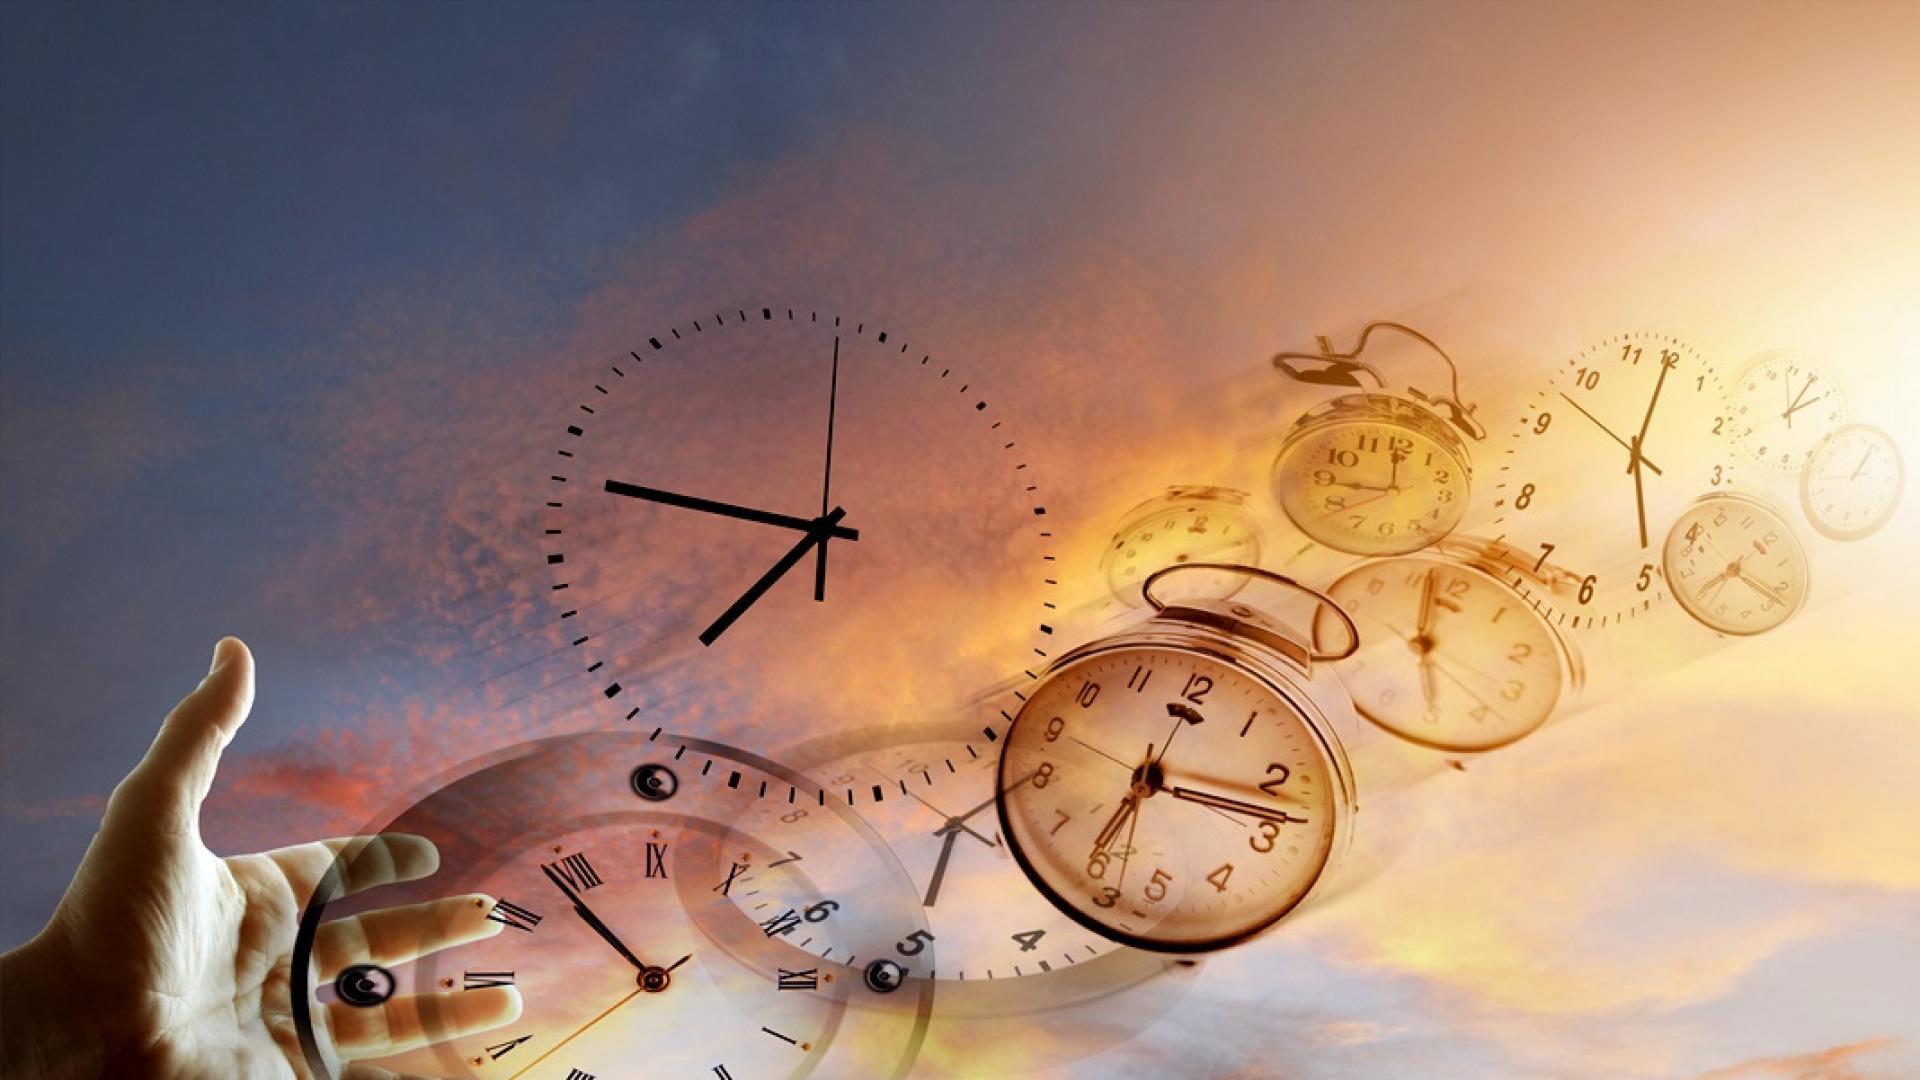 Защо времето лети, когато си прекарваме добре